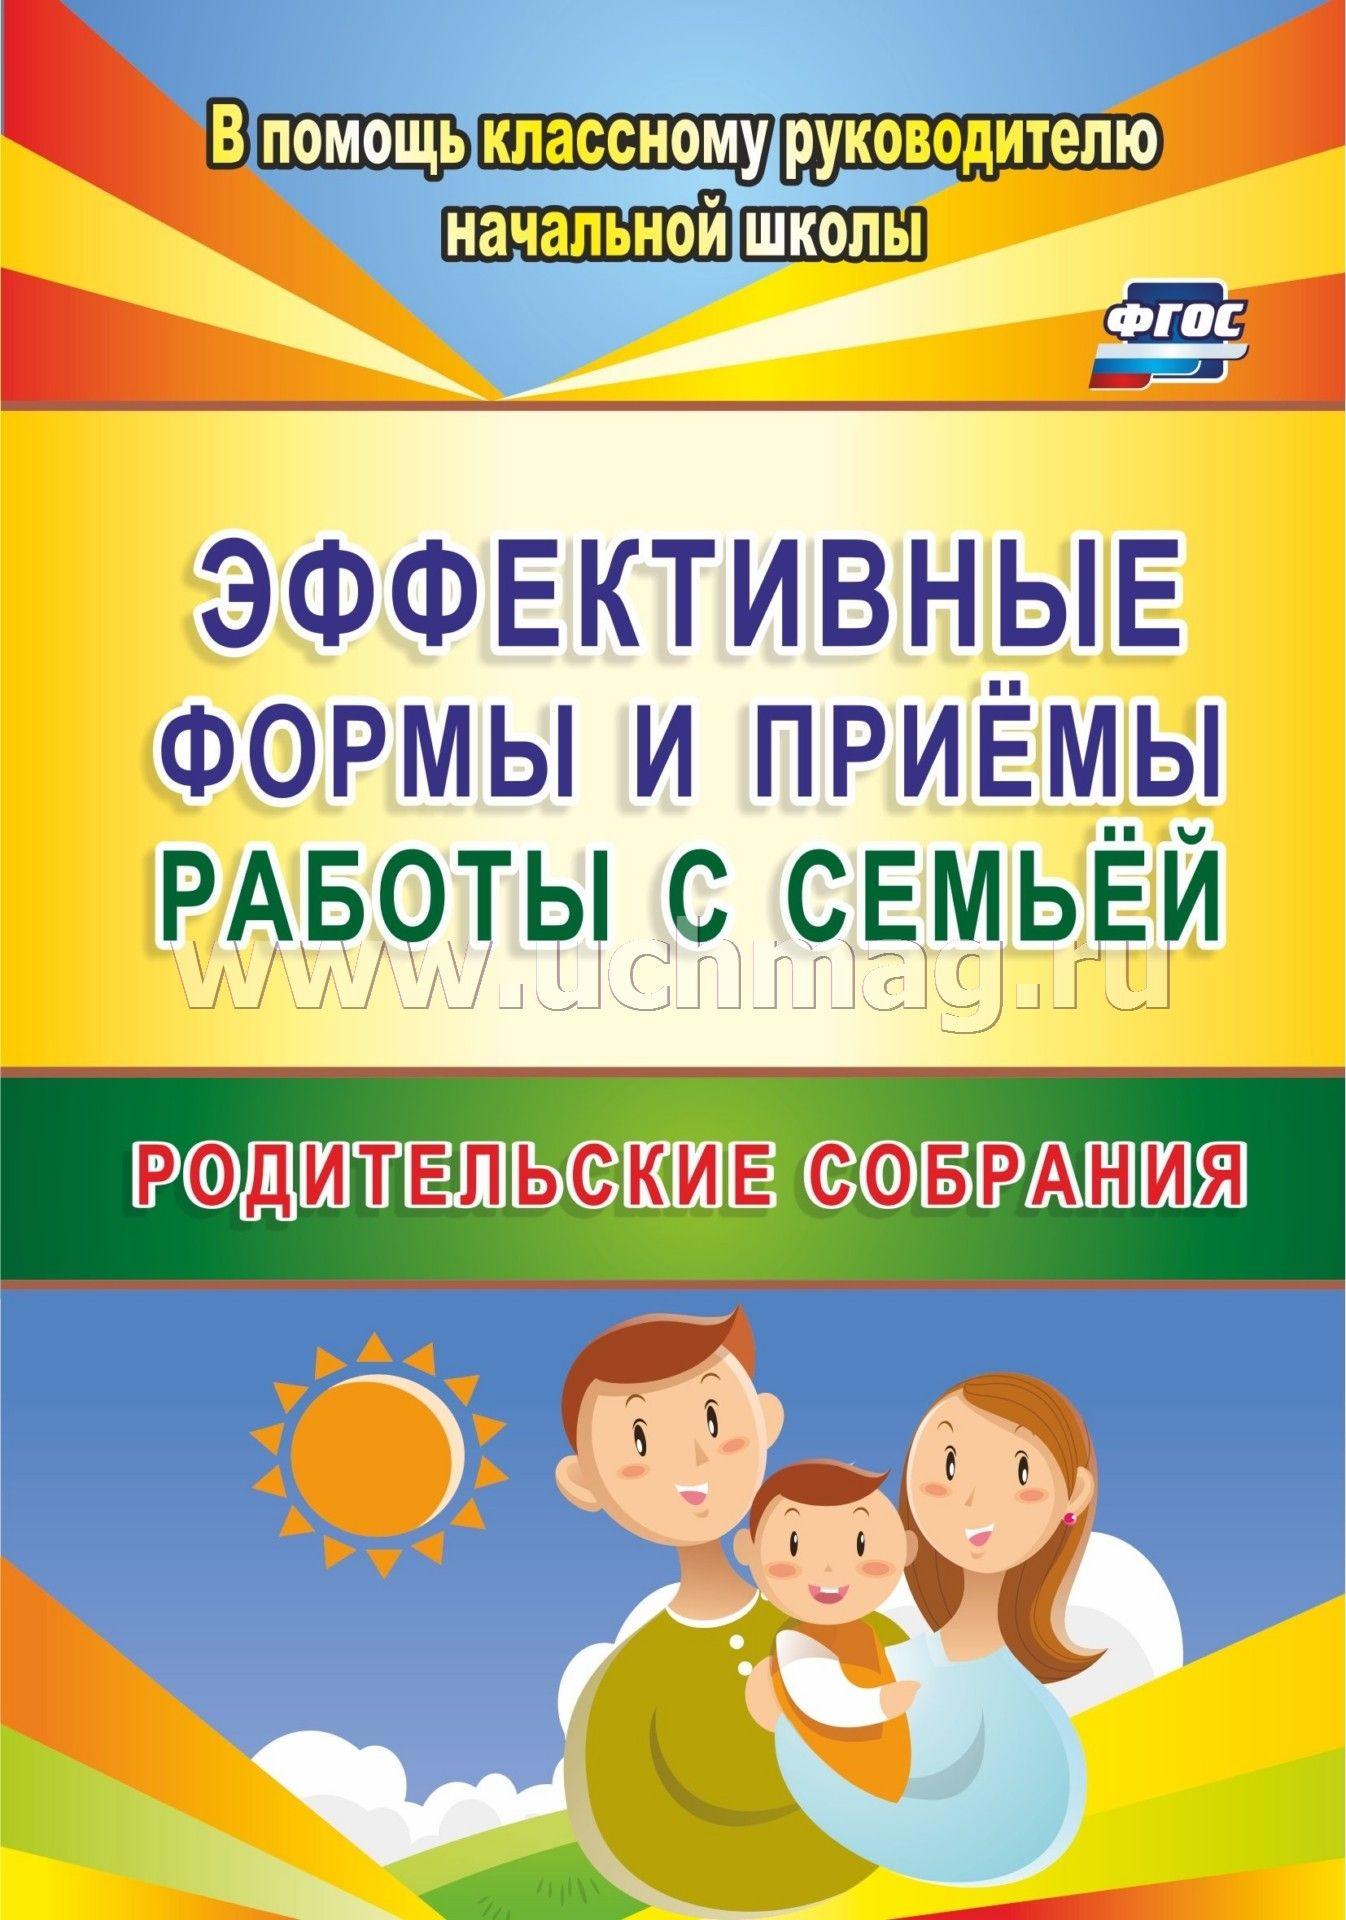 Мастер класс с родителями начальных классов - Мастер-класс для родителей Портфель достижений ученика